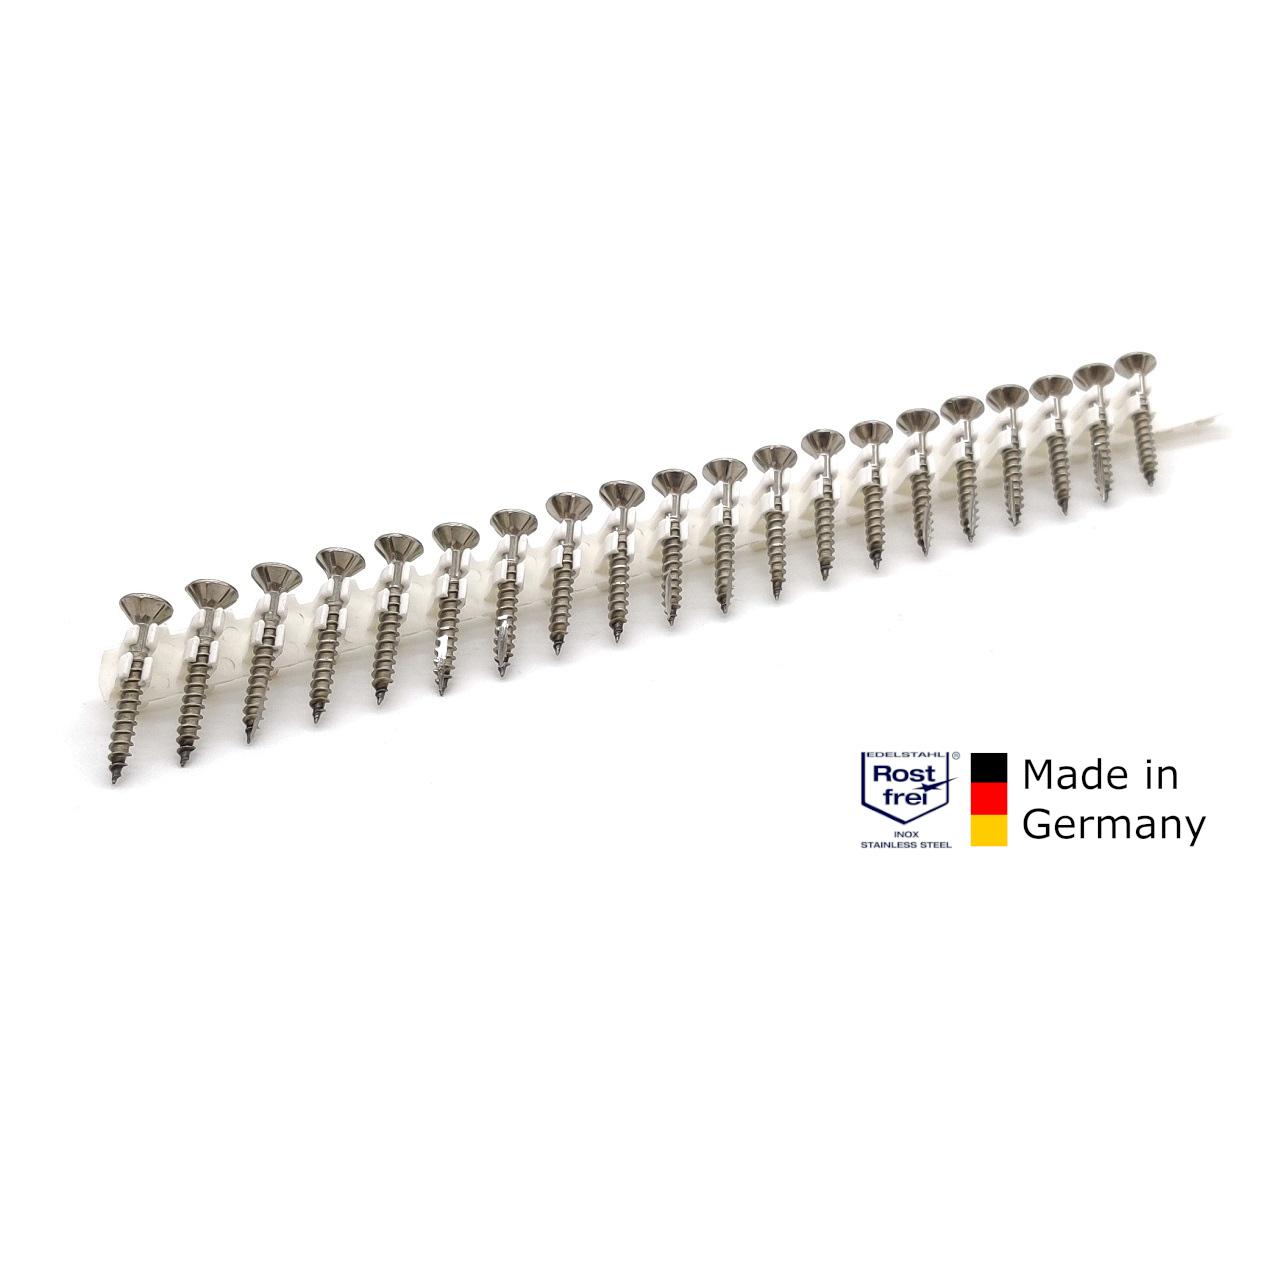 adunox-ONE-S Schieferschrauben | rostfrei A2 | 4,0x32